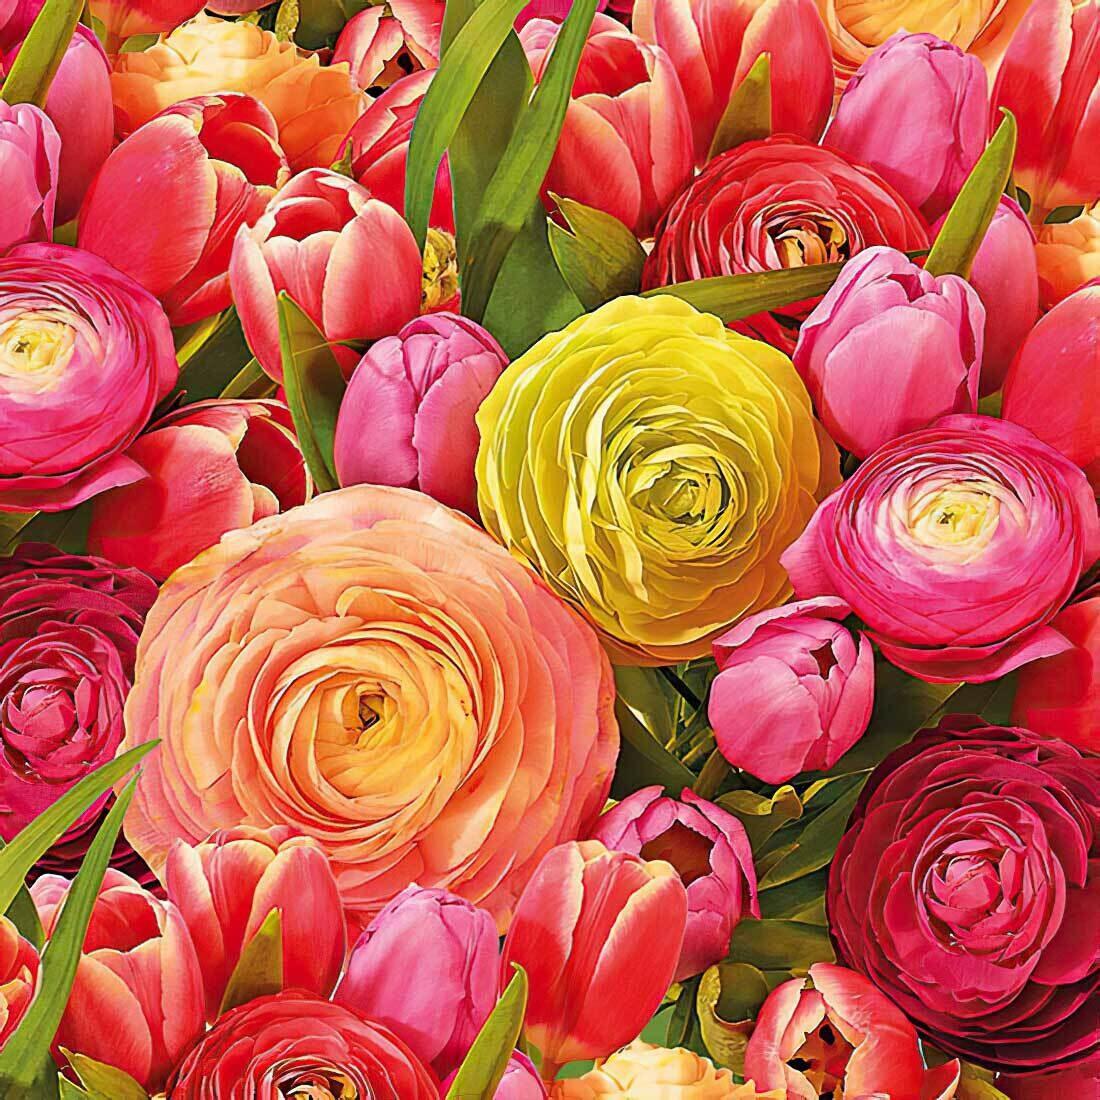 Decoupage Paper Napkins - Floral - Ranunculus 13x13 (1 Sheet)